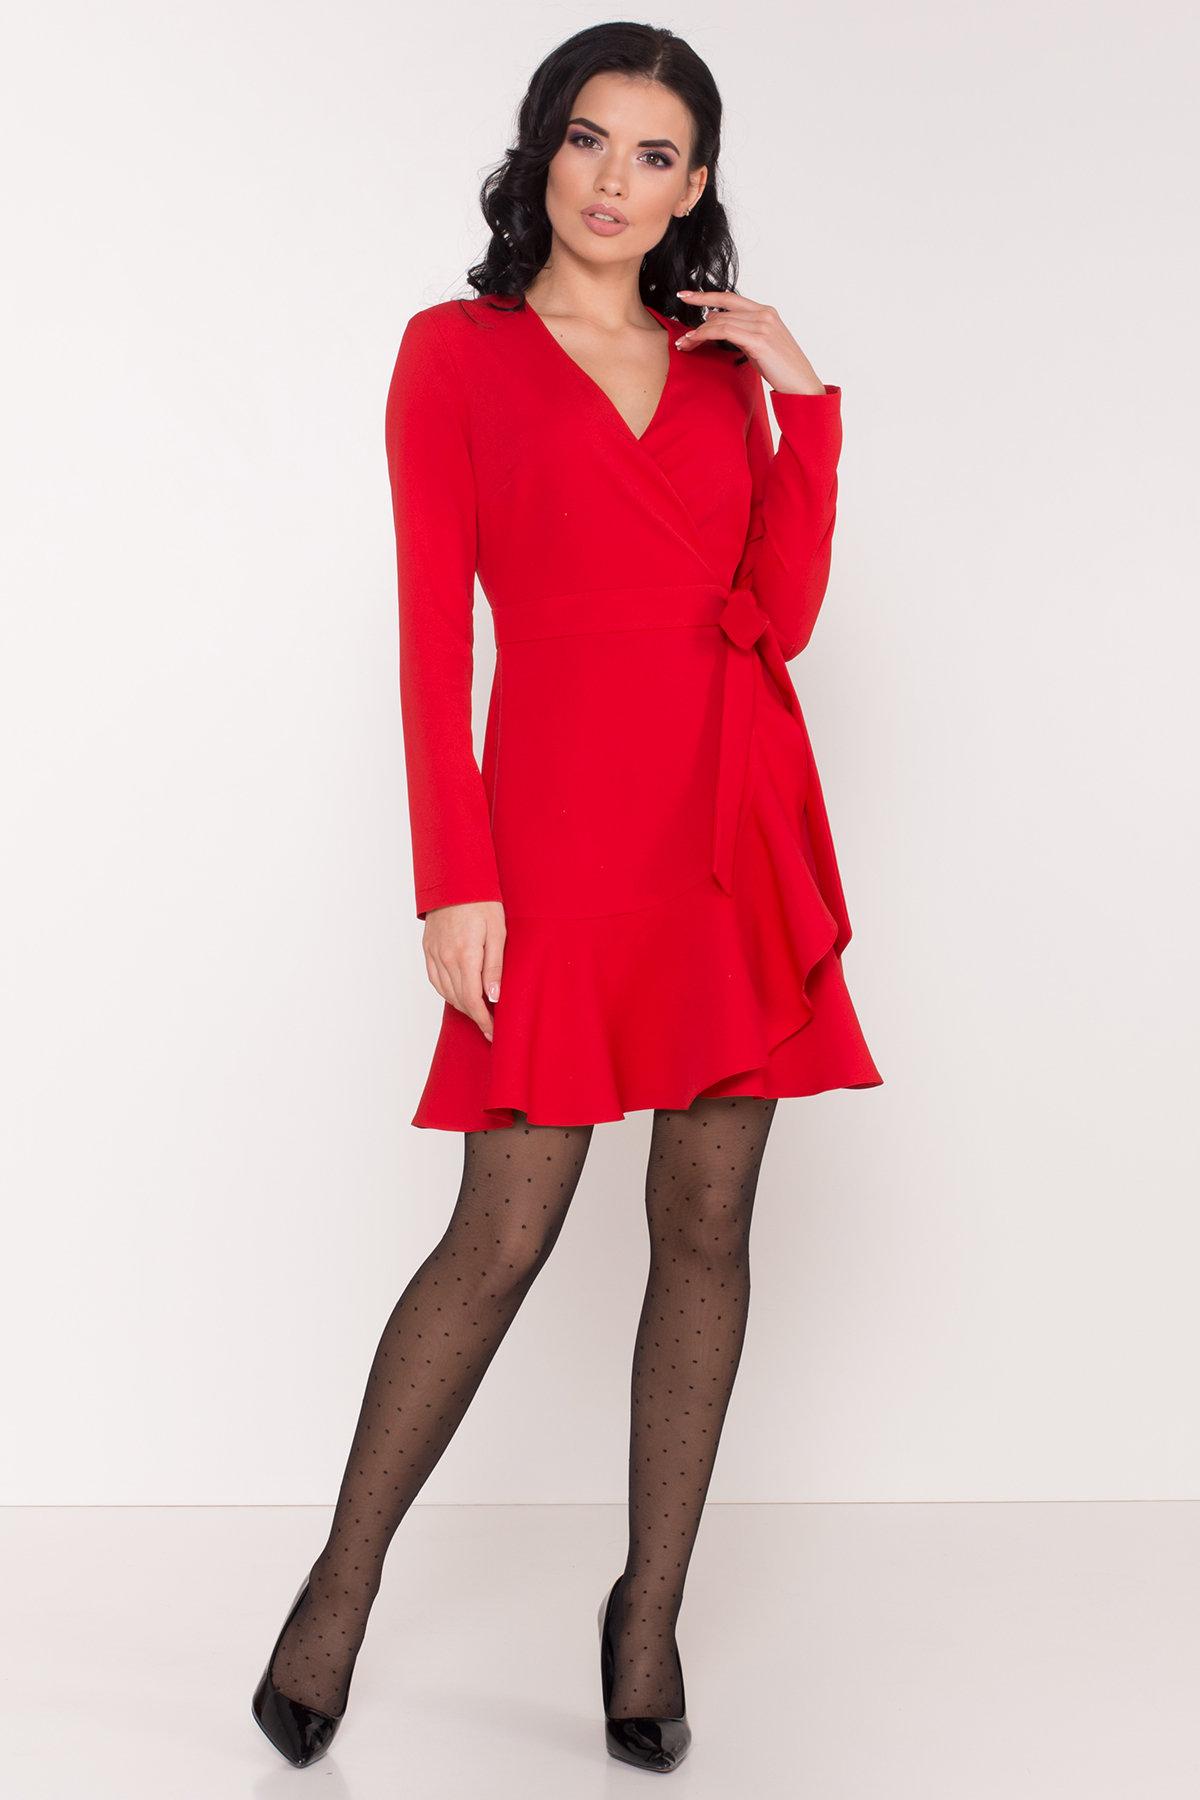 Однотонное платье на запах Фламенко 8336 АРТ. 44858 Цвет: Красный - фото 2, интернет магазин tm-modus.ru